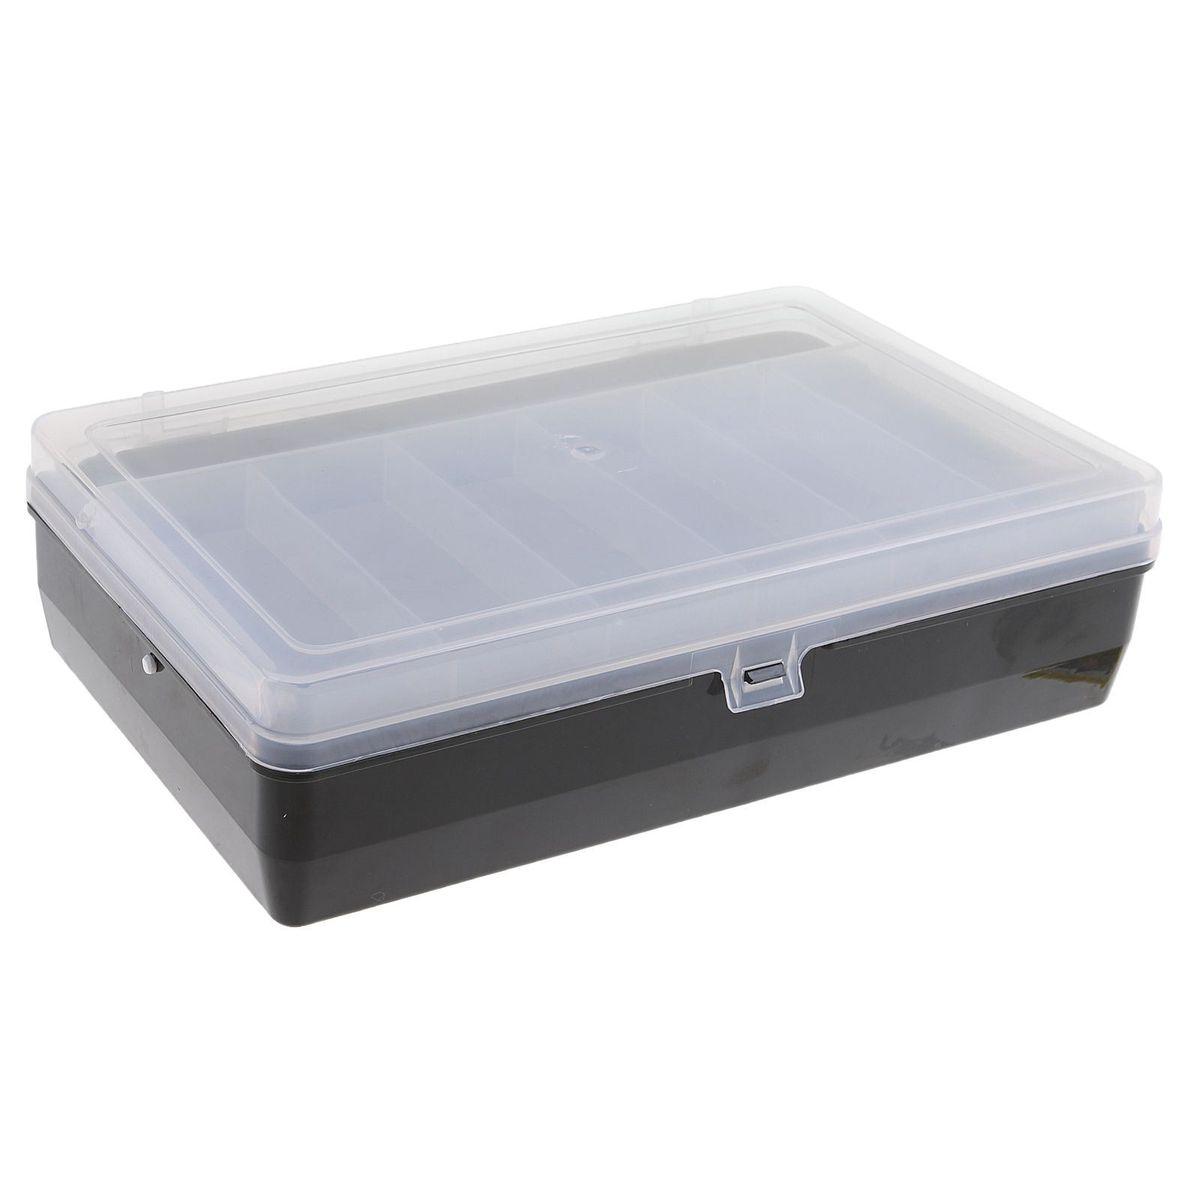 Коробка для крючков и насадок Тривол, двухъярусная, с микролифтом, цвет: зеленый, 23 х 15 х 6,5 см1252456Коробки для крючков, как и другие аксессуары для рыбалки, помогут сделать процесс подготовки к самой рыбной ловле максимально удобным. Сегодня мы можем предложить всем нашим посетителям такие коробки для крючков, которые идеально подойдут в любое время года, для любого типа рыбалки и помогут вовремя отыскать среди всех снастей именно те, которые необходимы на данный момент.